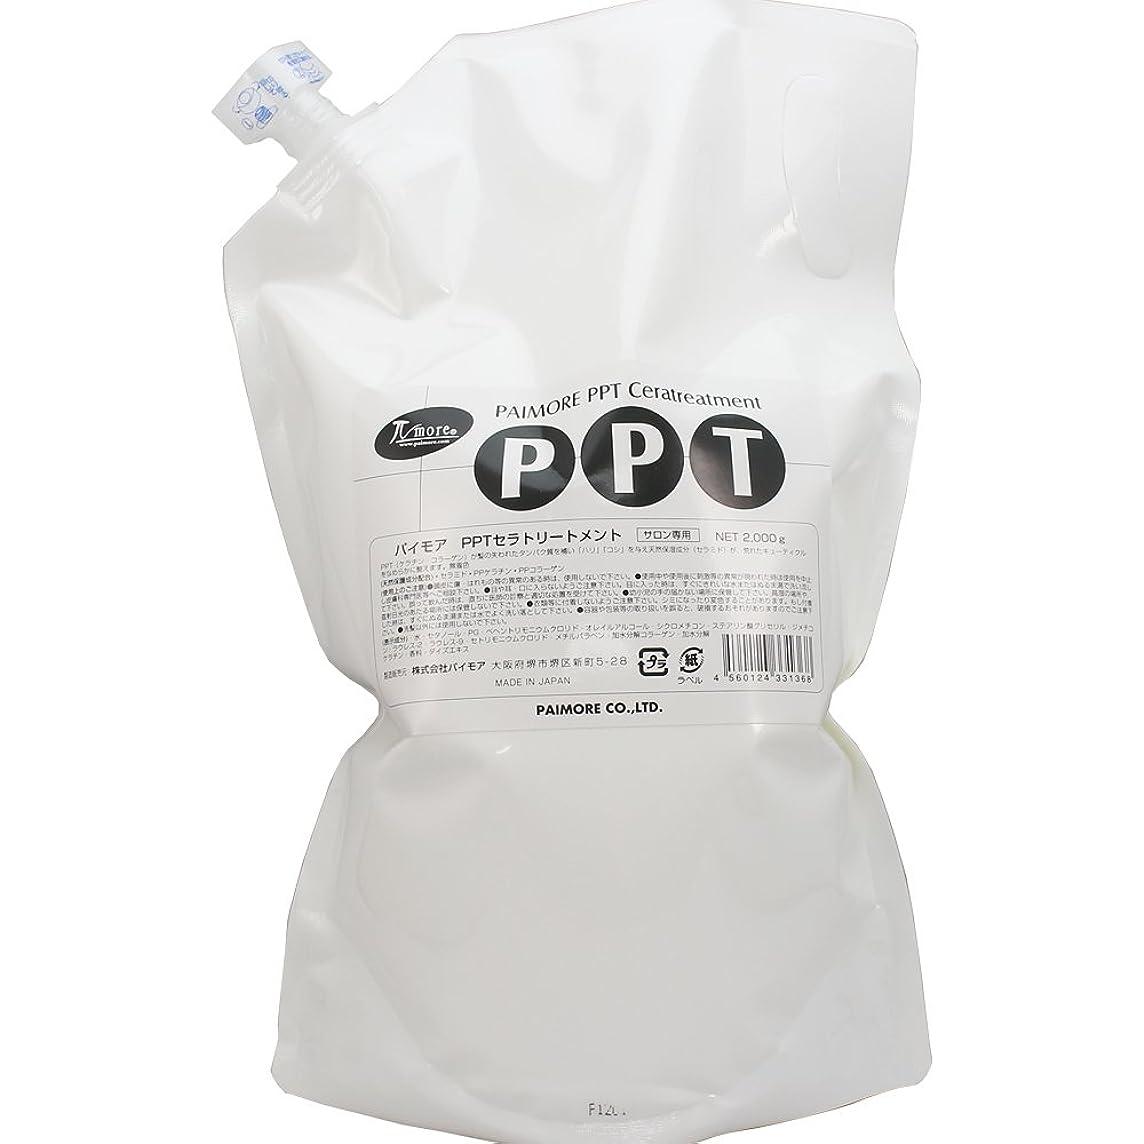 聖なるブラジャーレーザπmore 2000g パイモア PPT Cera Treatment PPTセラトリートメント 詰め替え